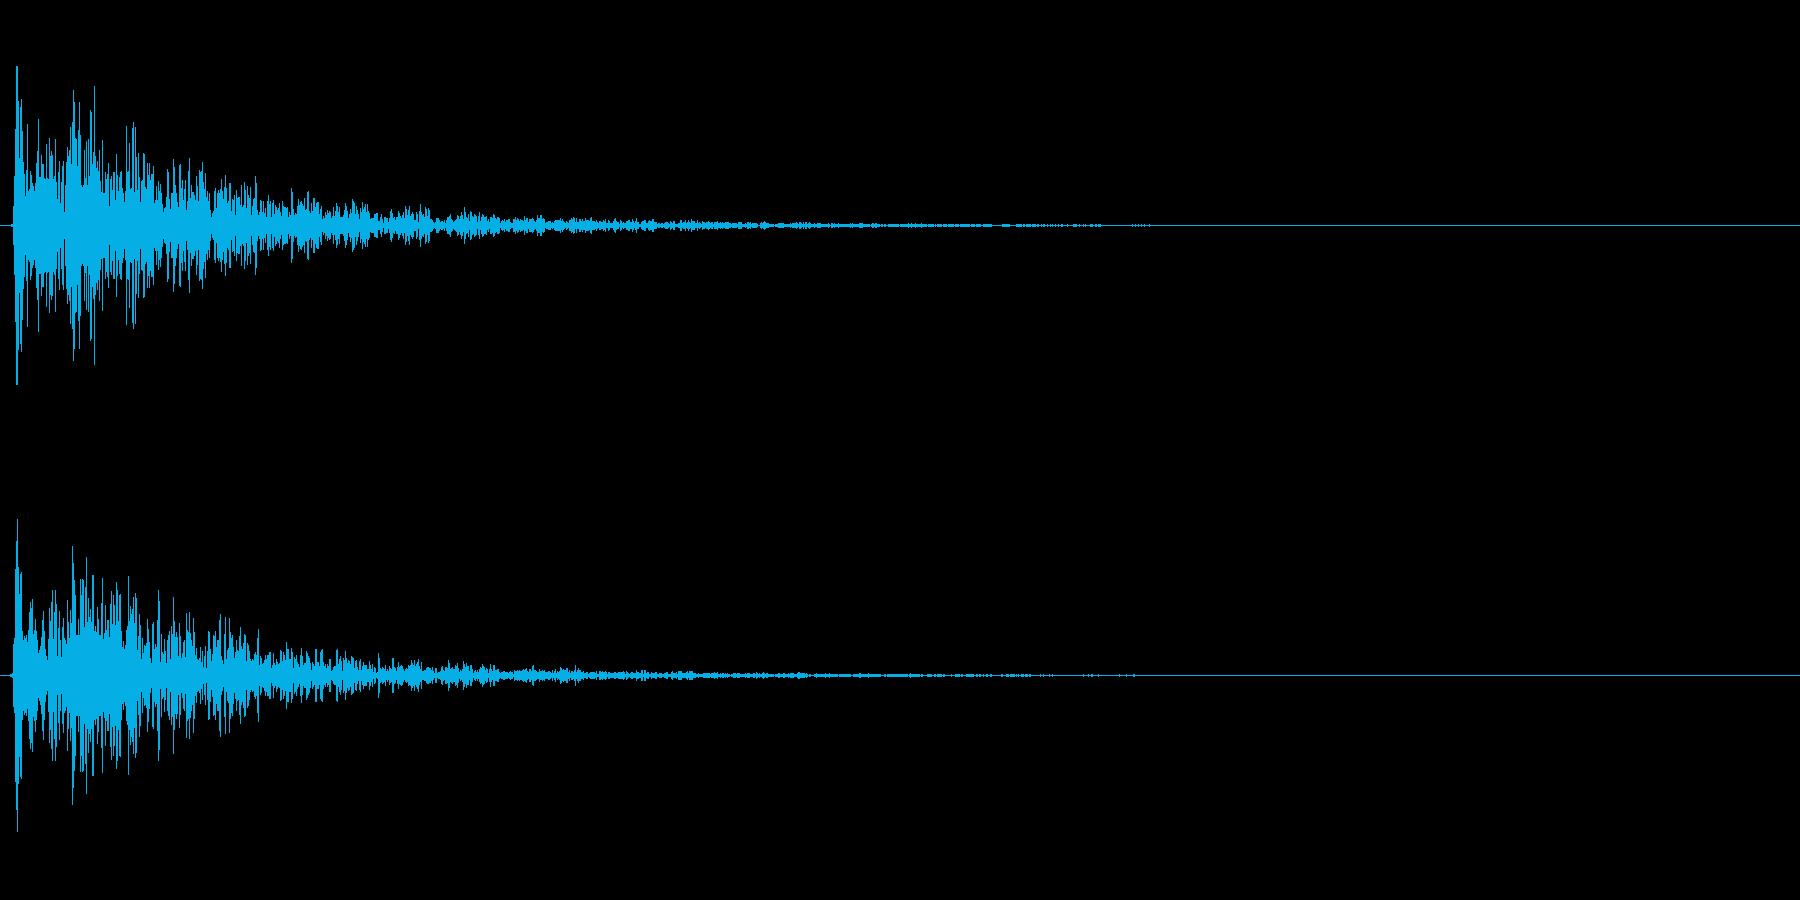 【衝撃01-2】の再生済みの波形